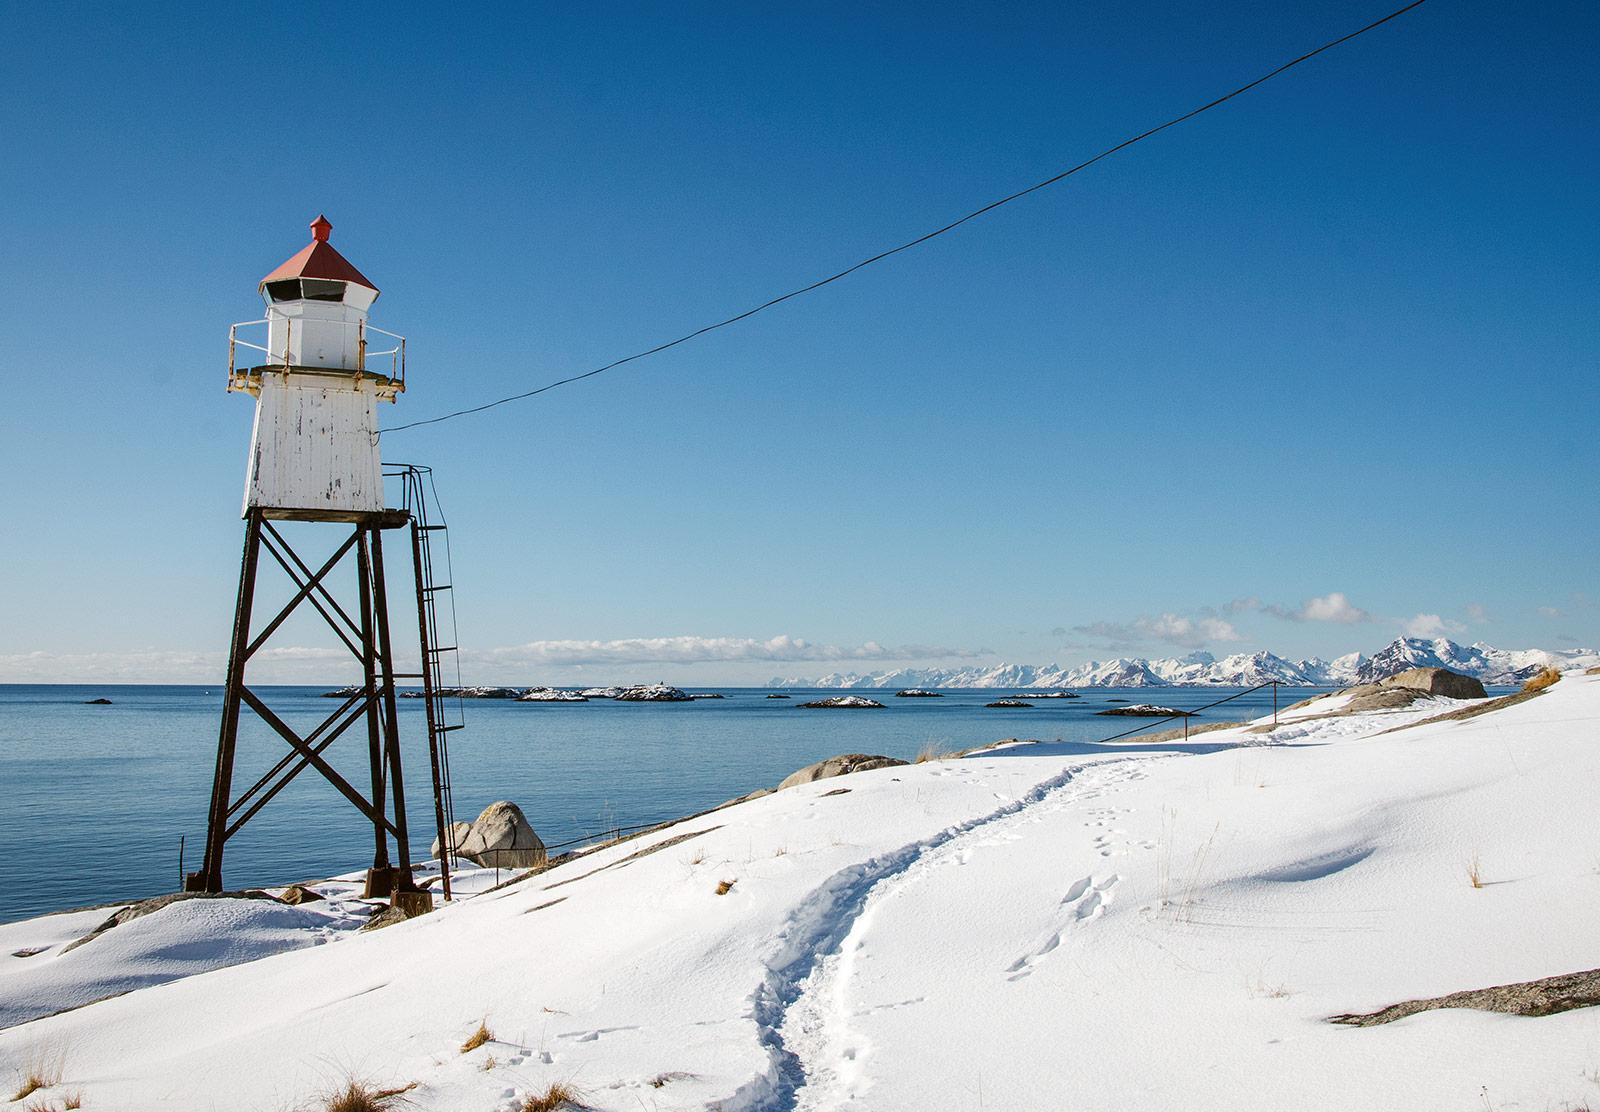 Lighthouse on stilts